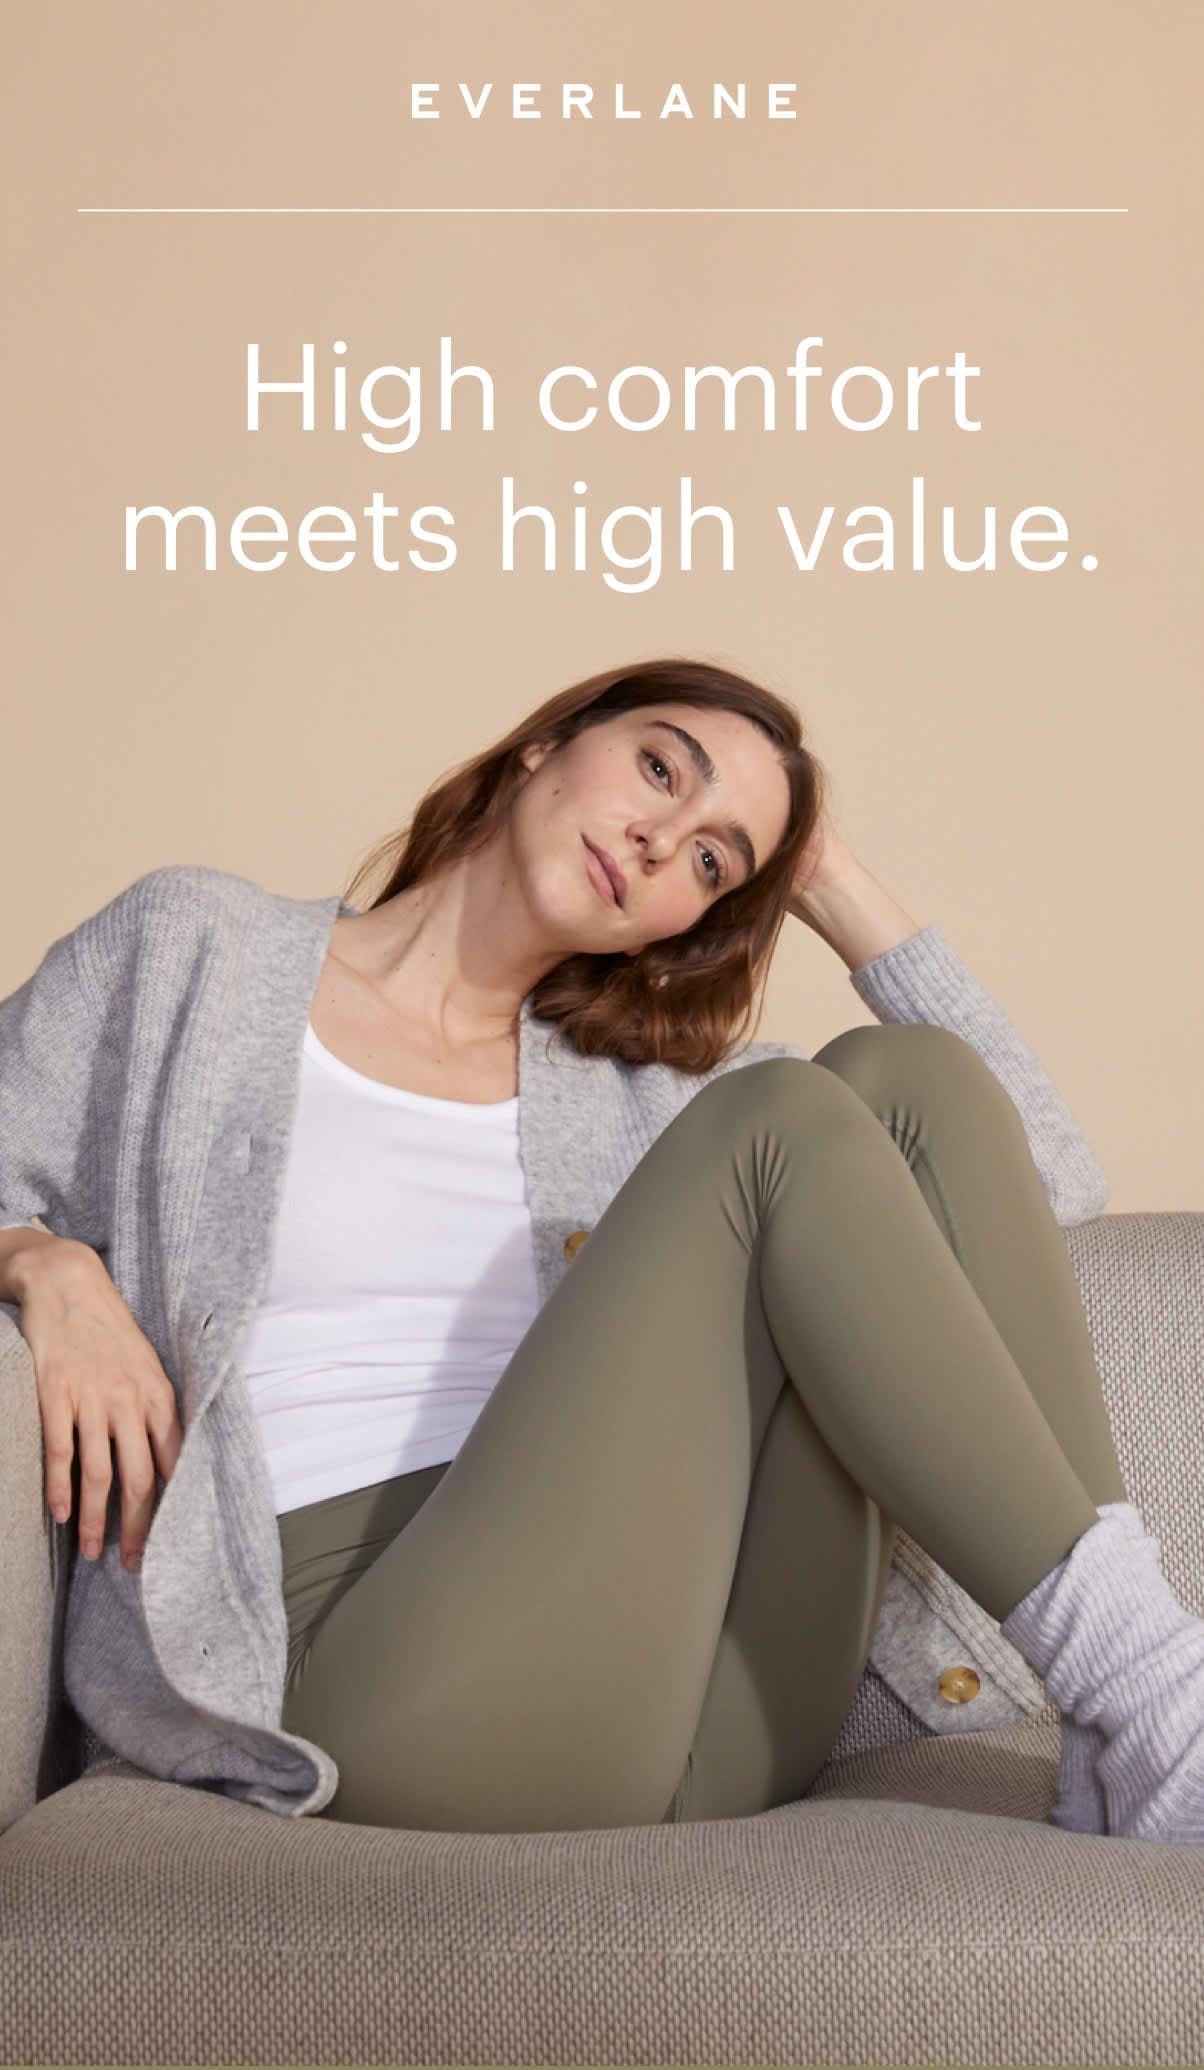 High comfort meets high value.